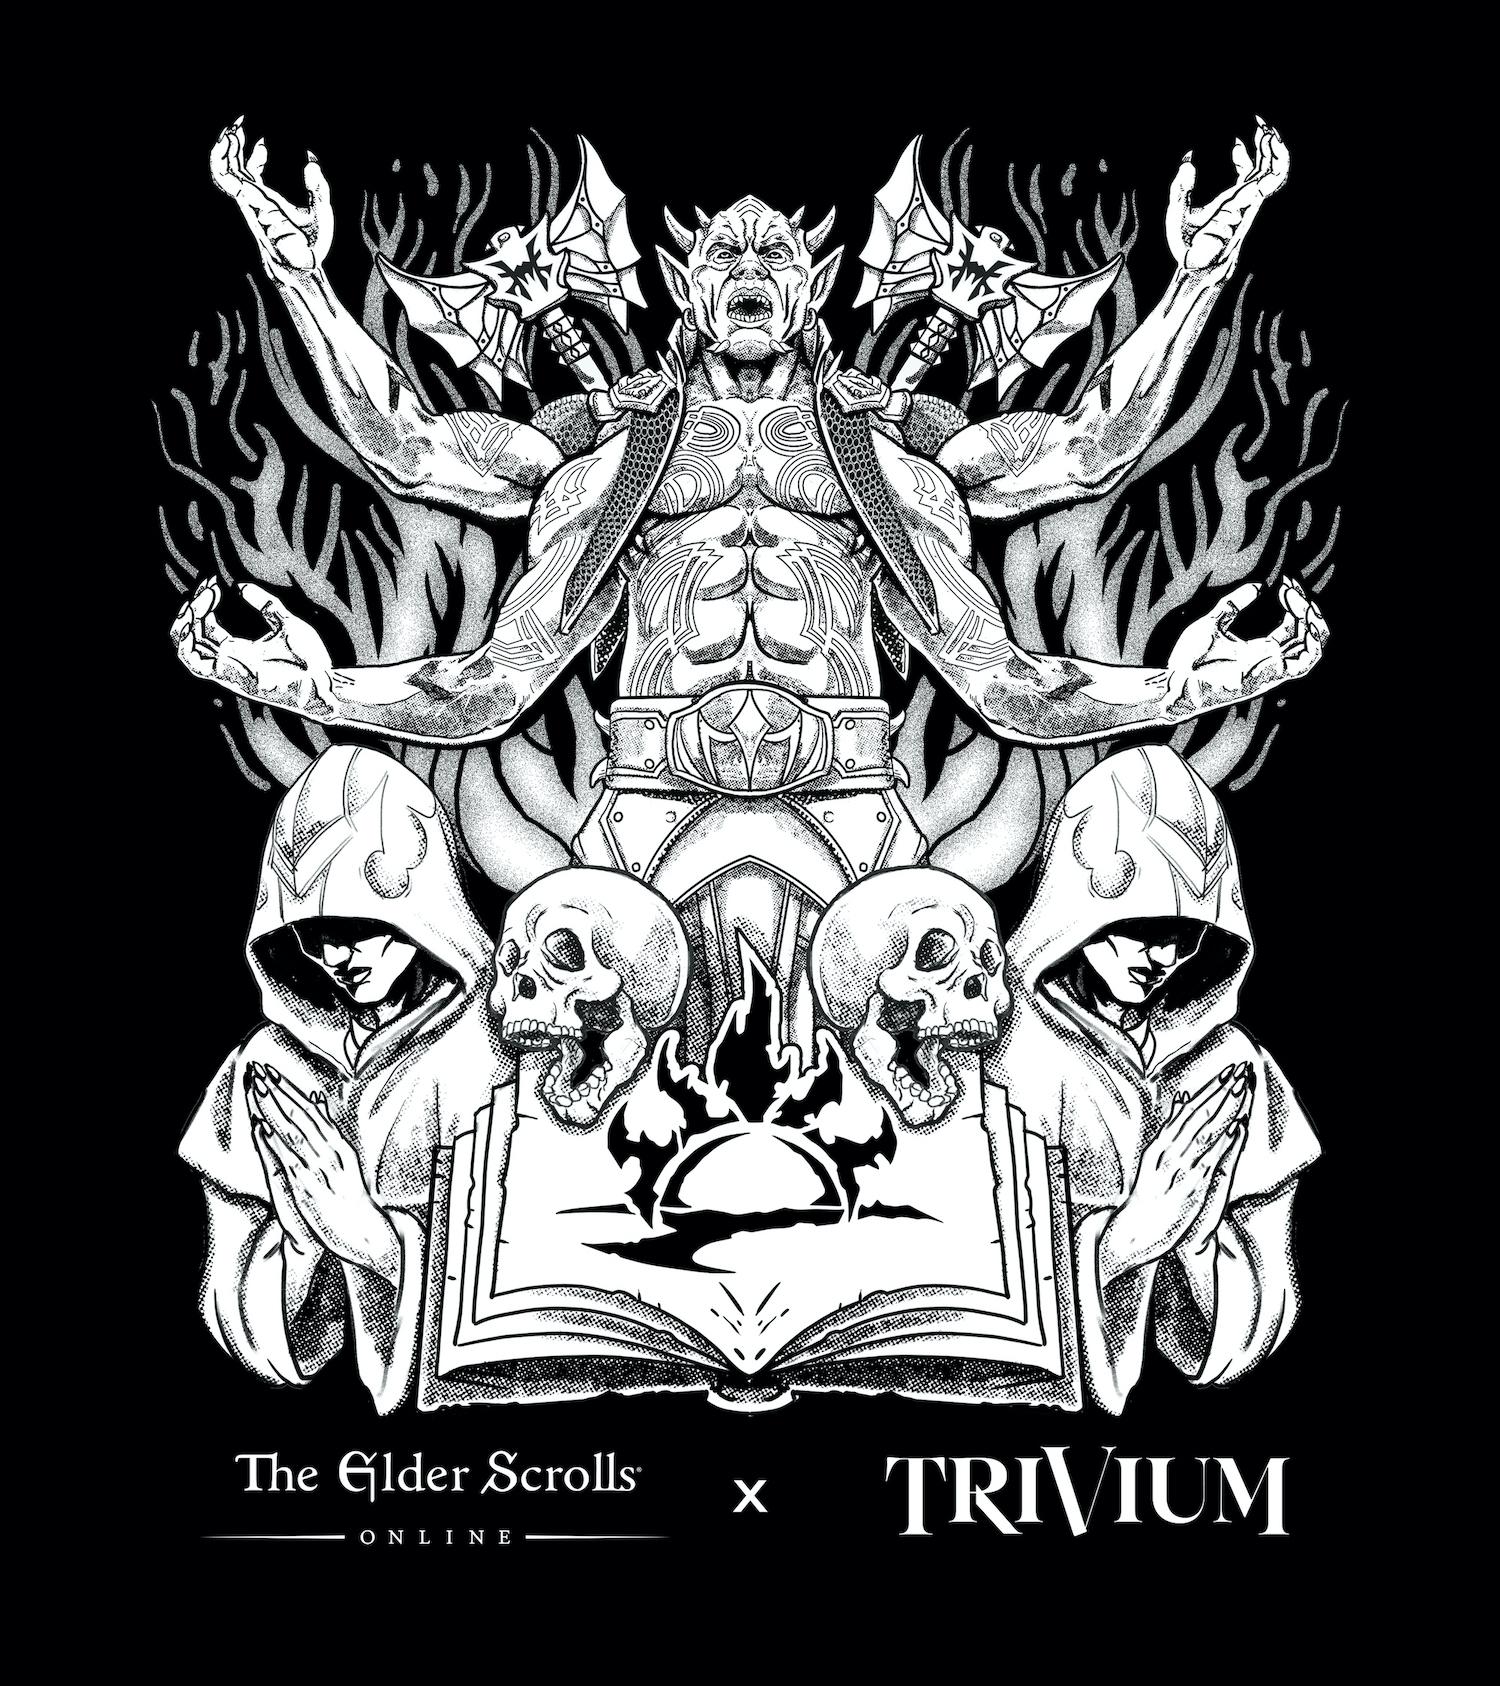 The Elder Scrolls Online x Trivium art. Credit: Bethesda